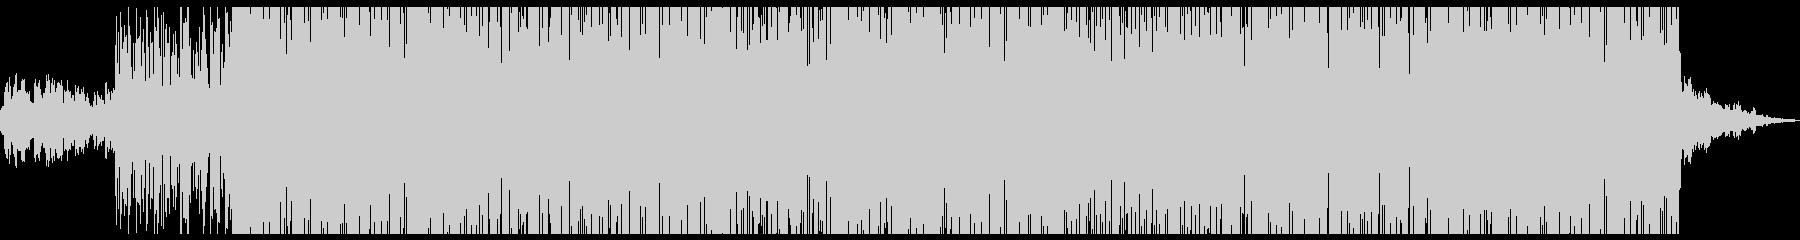 キャッチーな歌とロックテイストのラップの未再生の波形